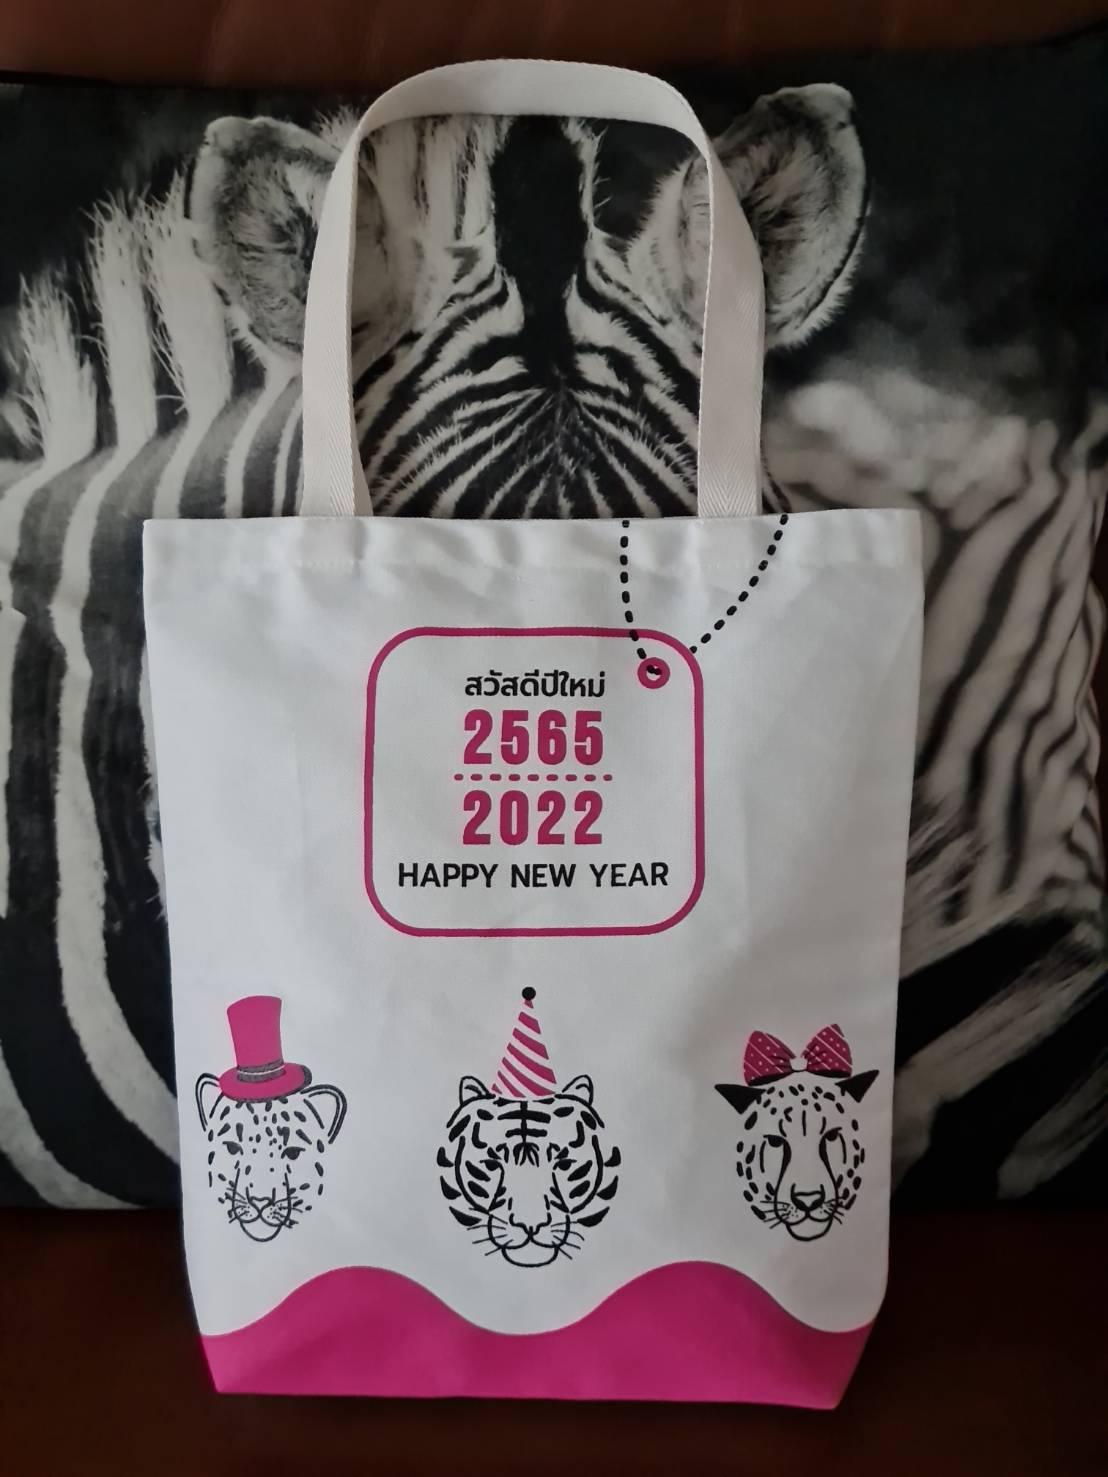 ถุงผ้าดิบ, กระเป๋าผ้าดิบ, ถุงผ้า, ลดโลกร้อน, สกรีนลาย, ปีใหม่, งานปีใหม่, สวัสดีปีใหม่ 2022, Happy New Year 2022, ปีเสือ, tiger, งานออกแบบ, ดีไซน์, ของขวัญ, ของชำร่วย, ราชการ, เอกชน, หน่วยงาน, สำเร็จรูป, ขายส่ง, ลายน่ารัก, จาก baginlove.com